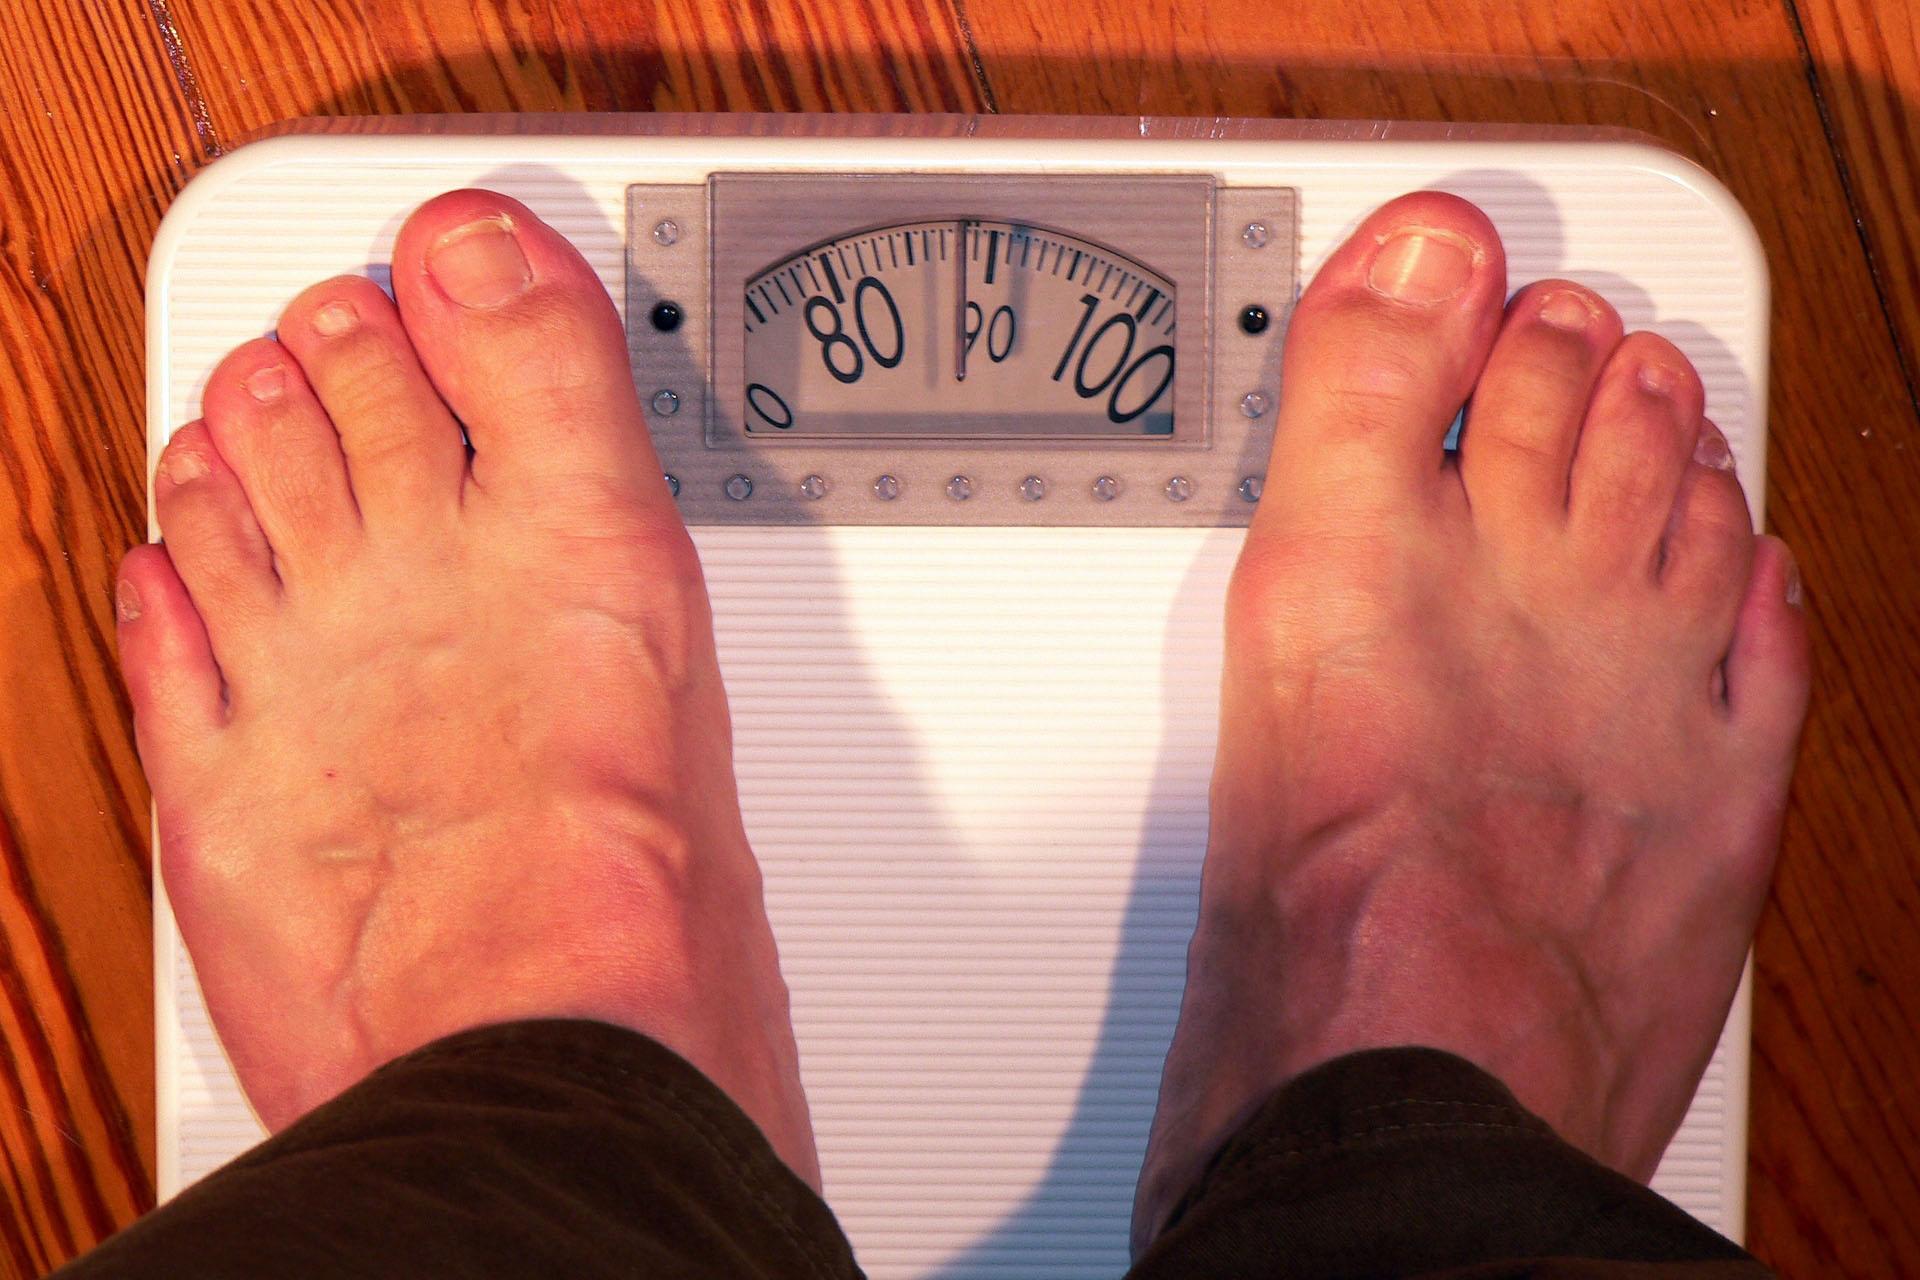 InSightOut Obese en hypnose